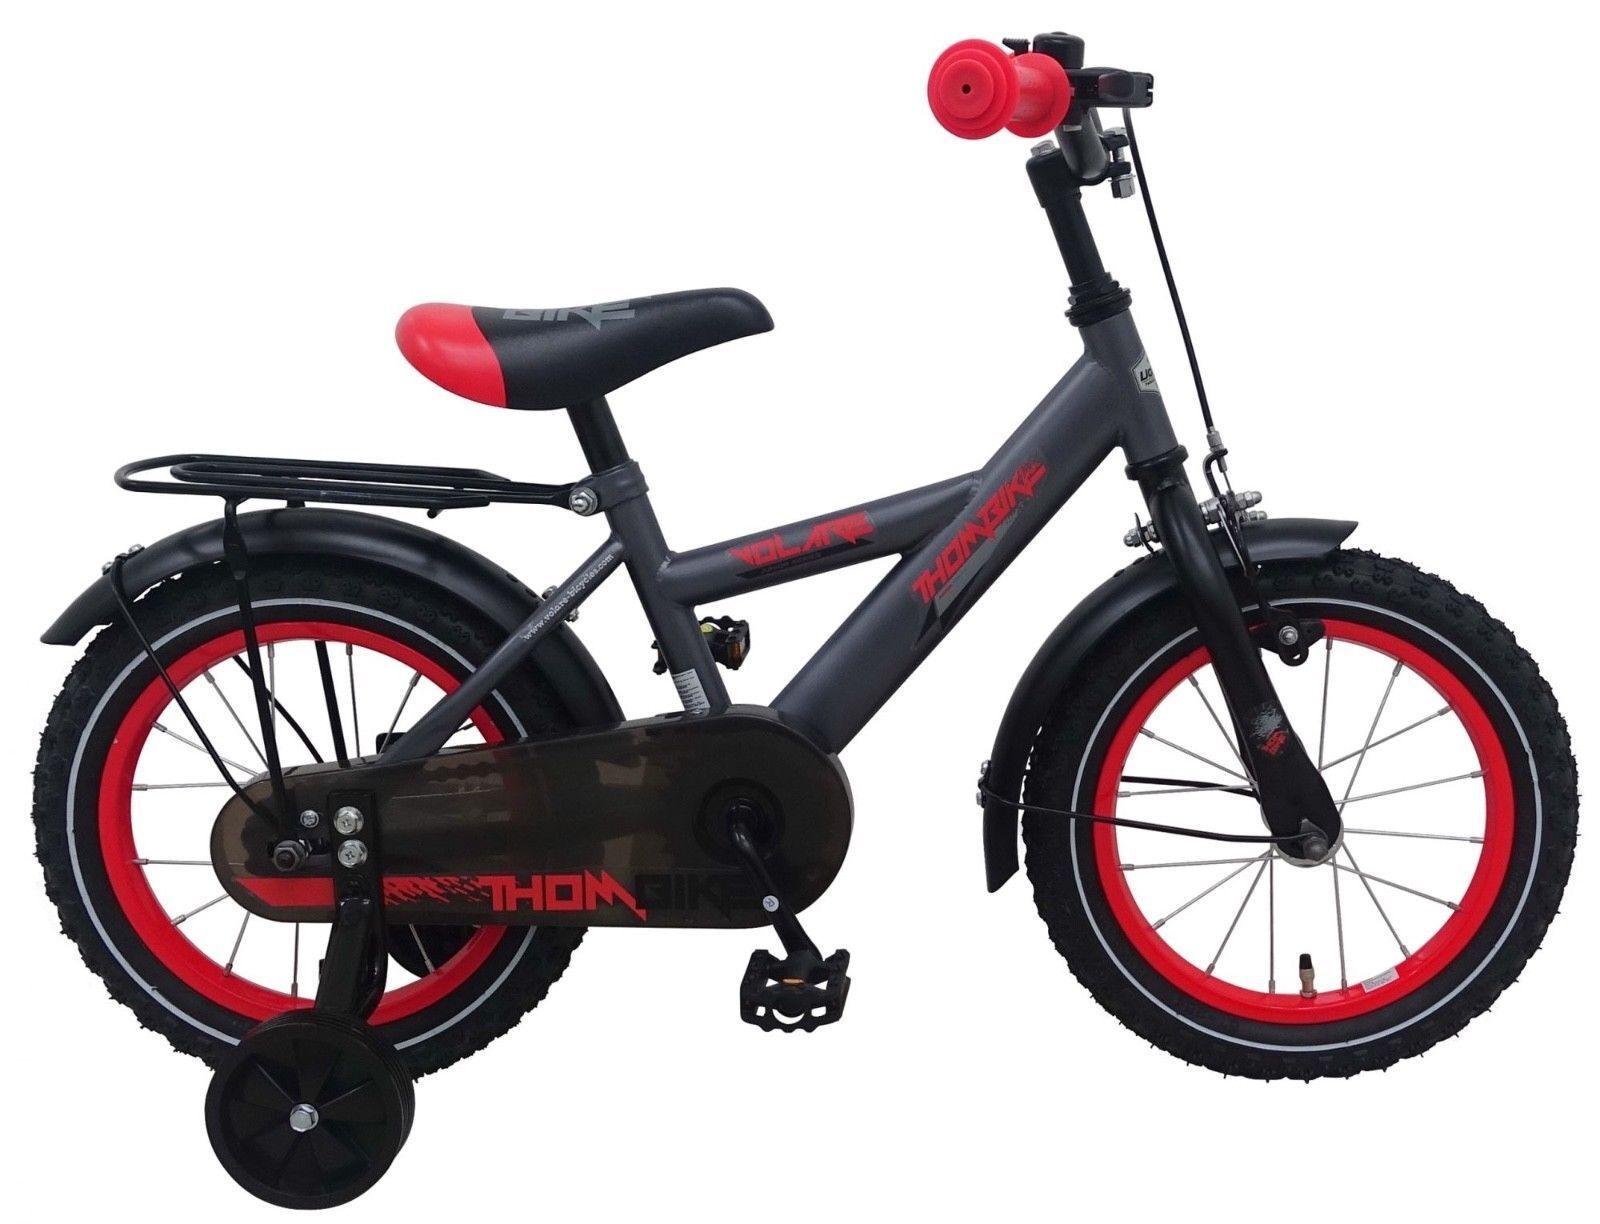 Fahrrad 14 Zoll Jungen Kinderfahrrad Jungenfahrrad Rücktrittbremse Grau 81418